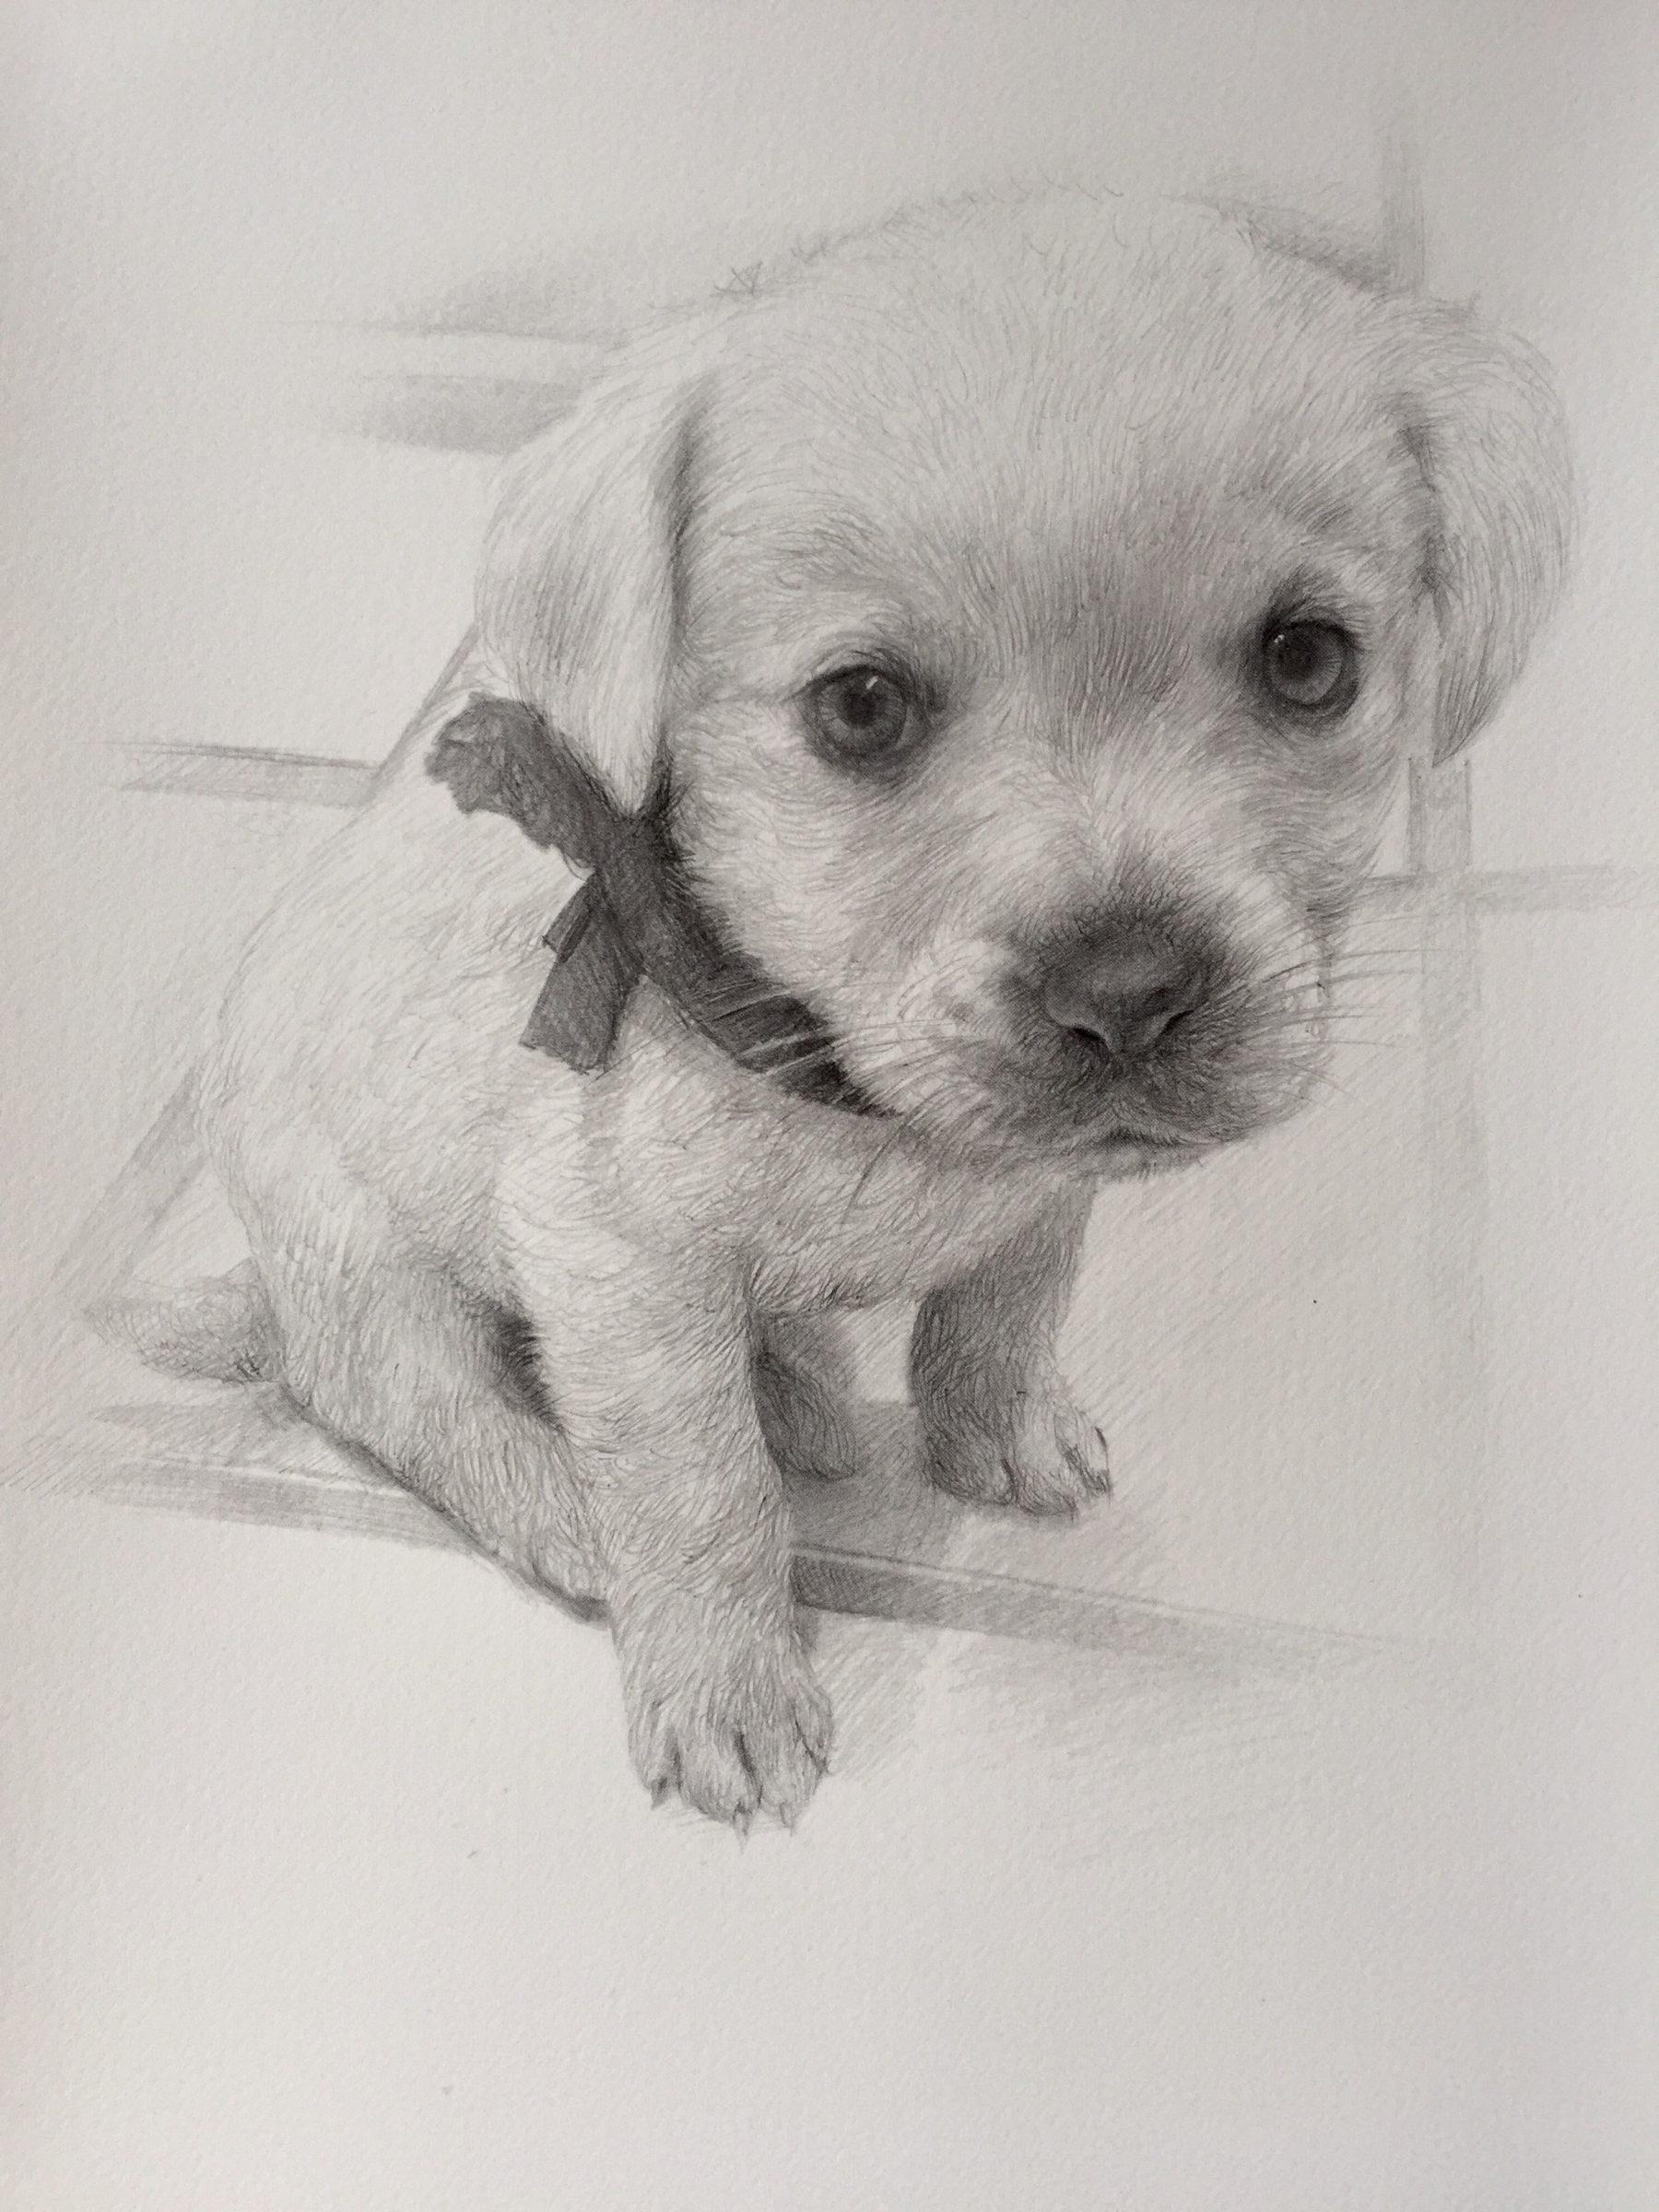 Dibujos A Lapiz De Perro Retratos A Lapiz